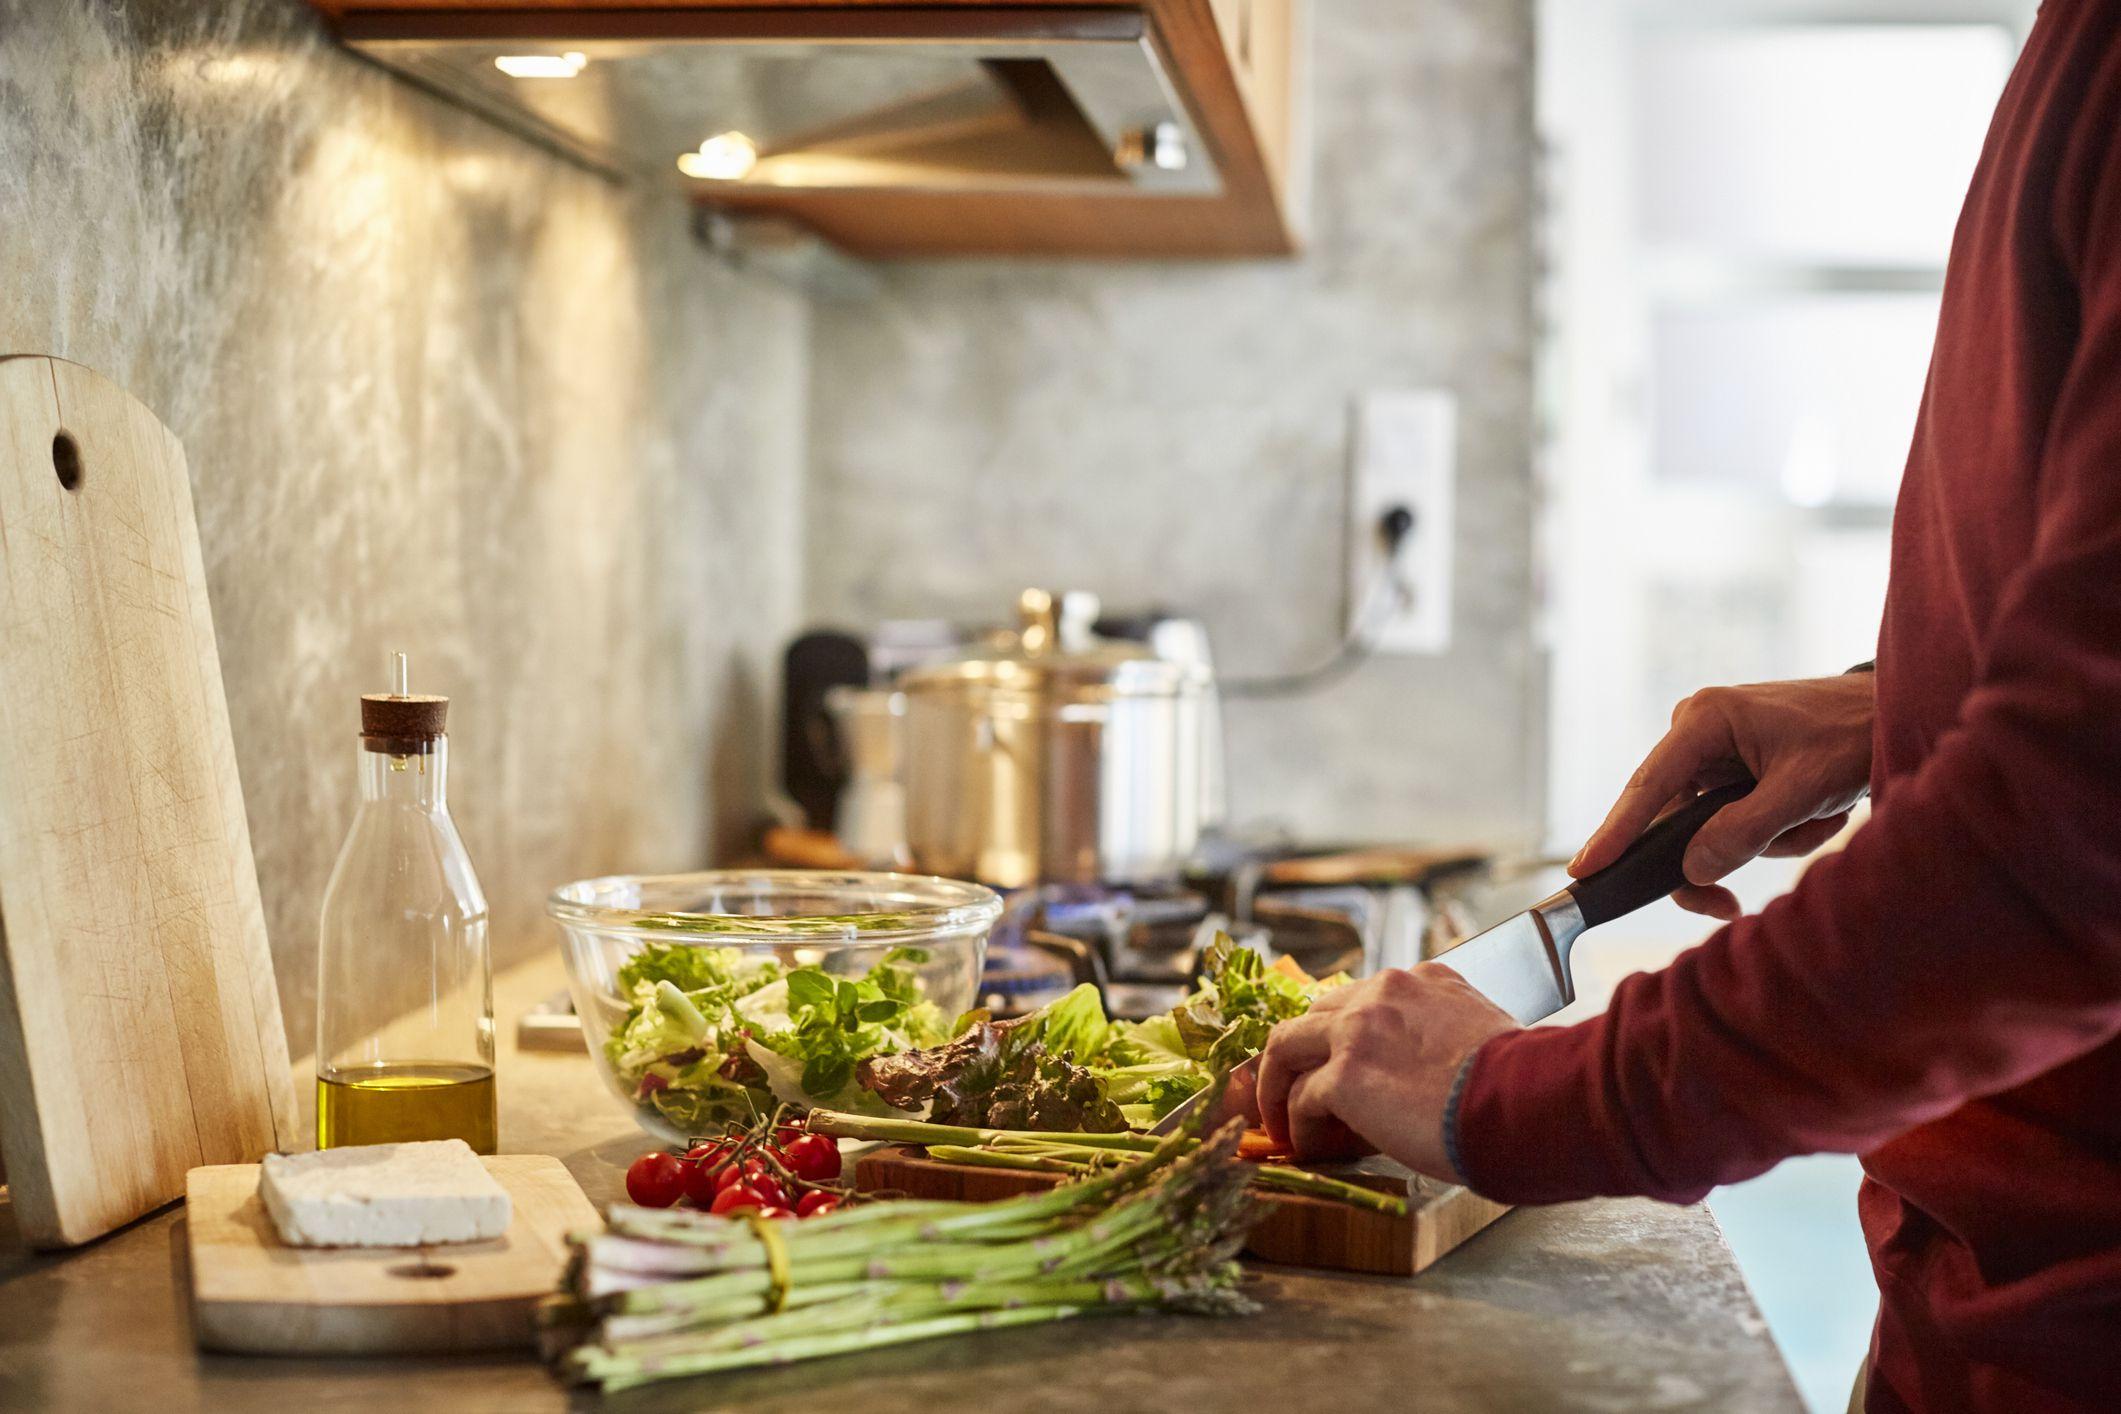 Vegetarian Diet Won't Lower Testosterone, Study Shows